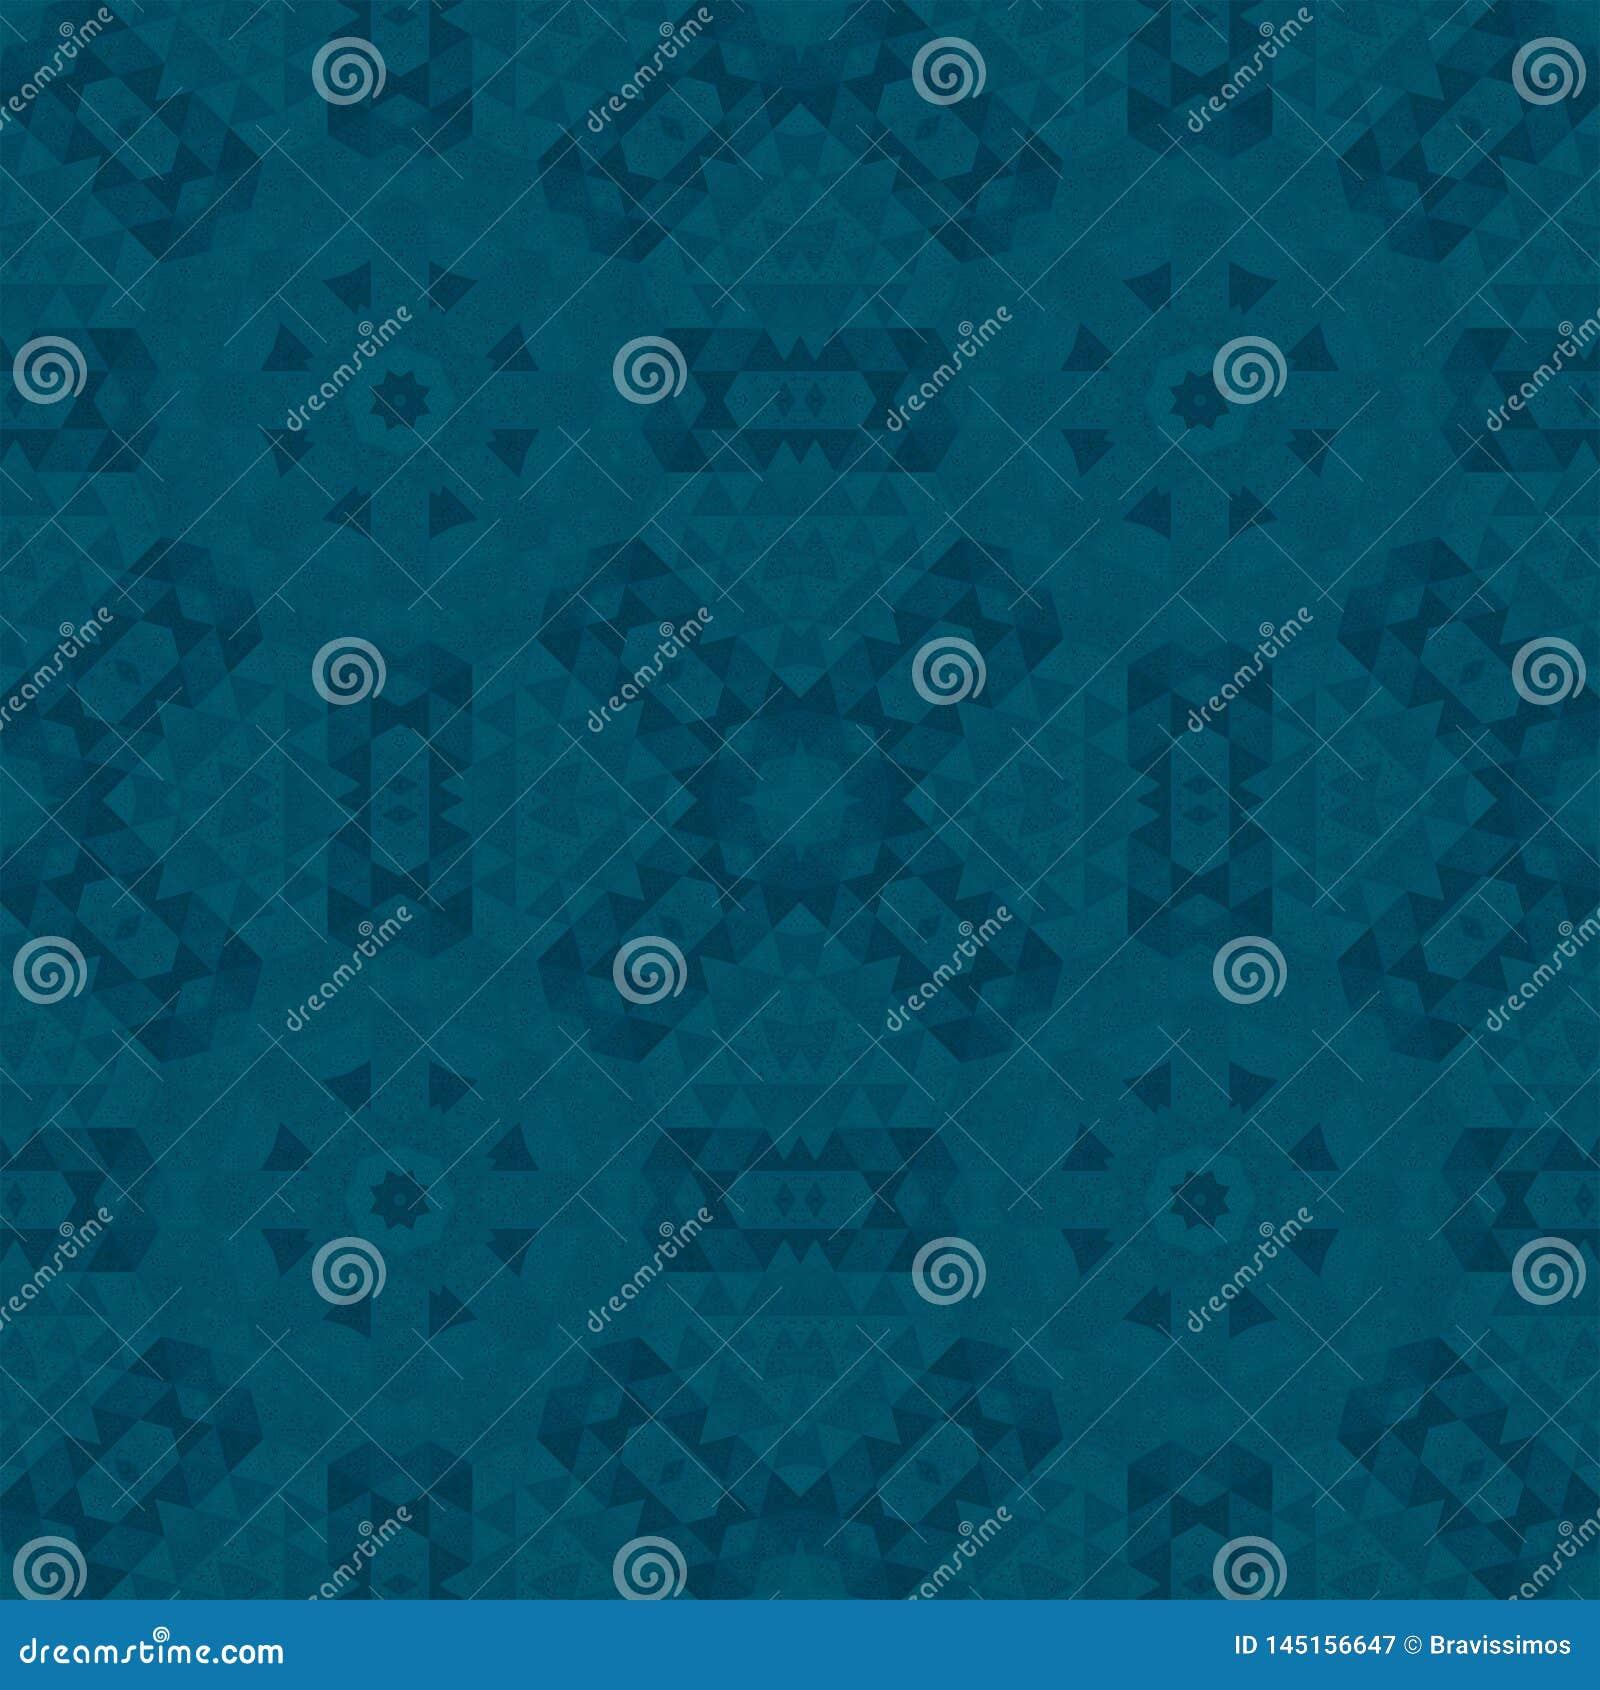 Διακόσμηση υποβάθρου σύστασης σχεδίων μωσαϊκών σύγχρονος διακοσμητικός